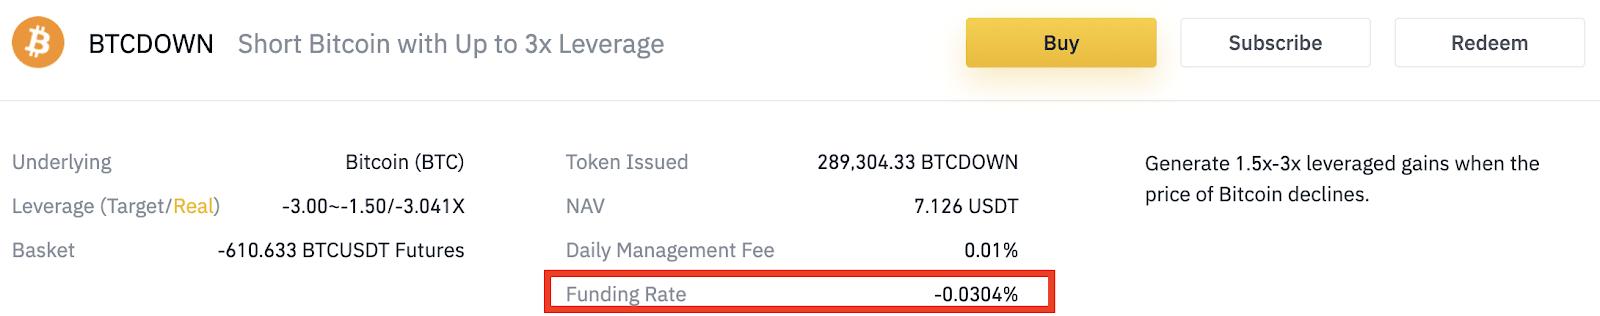 Cum să devin un comerciant de schimb valutar calificat?